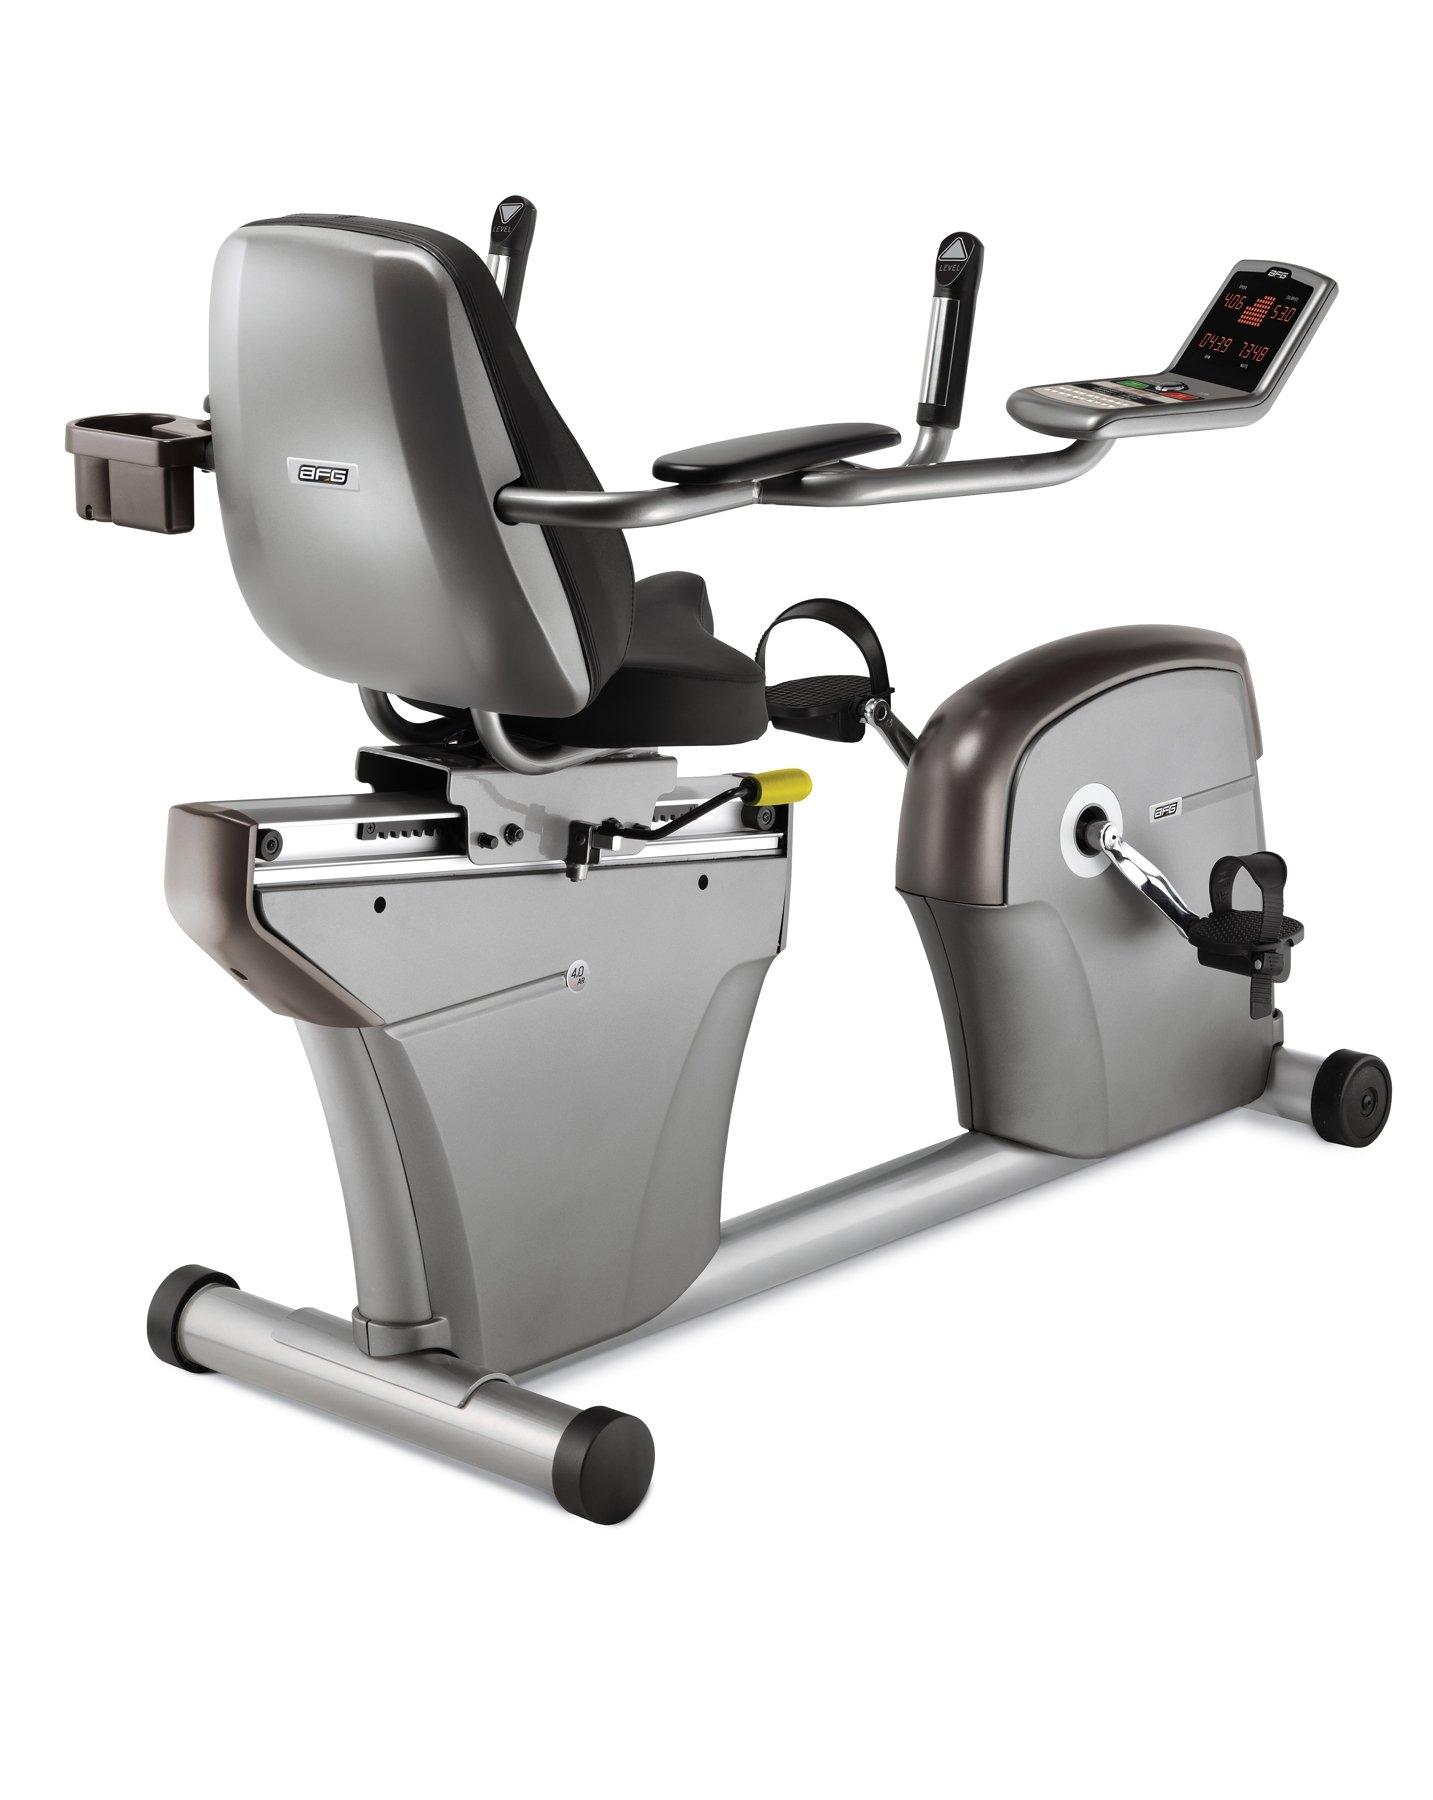 AFG 4.0 Ar reclinado bicicleta estática: Amazon.es: Deportes y ...